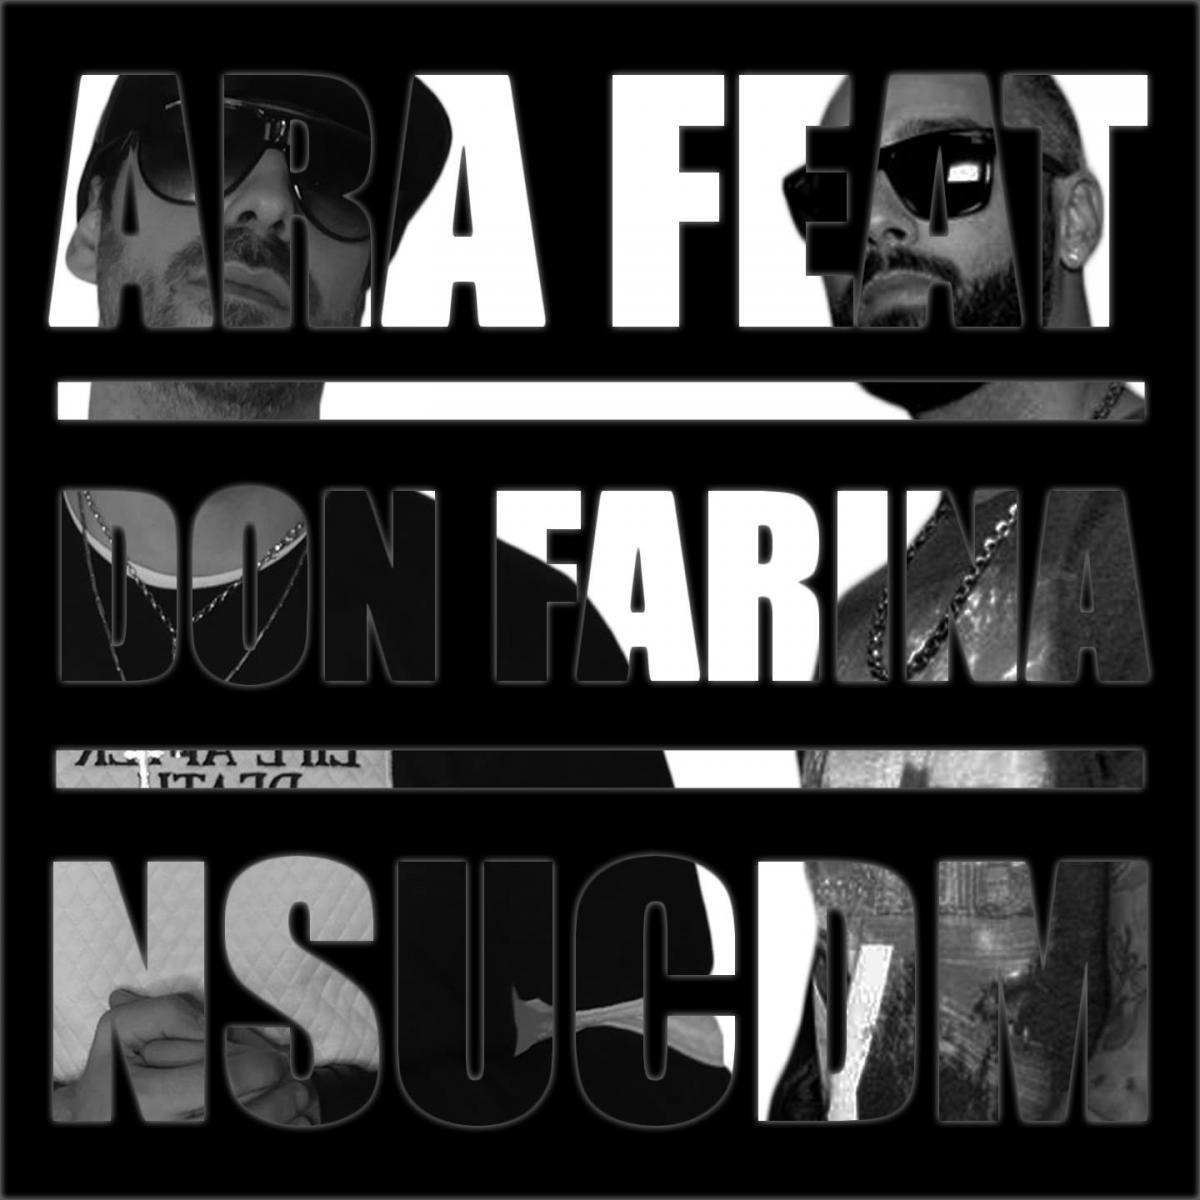 Upcoming: ARA feat. Don Farina - NSUCDM